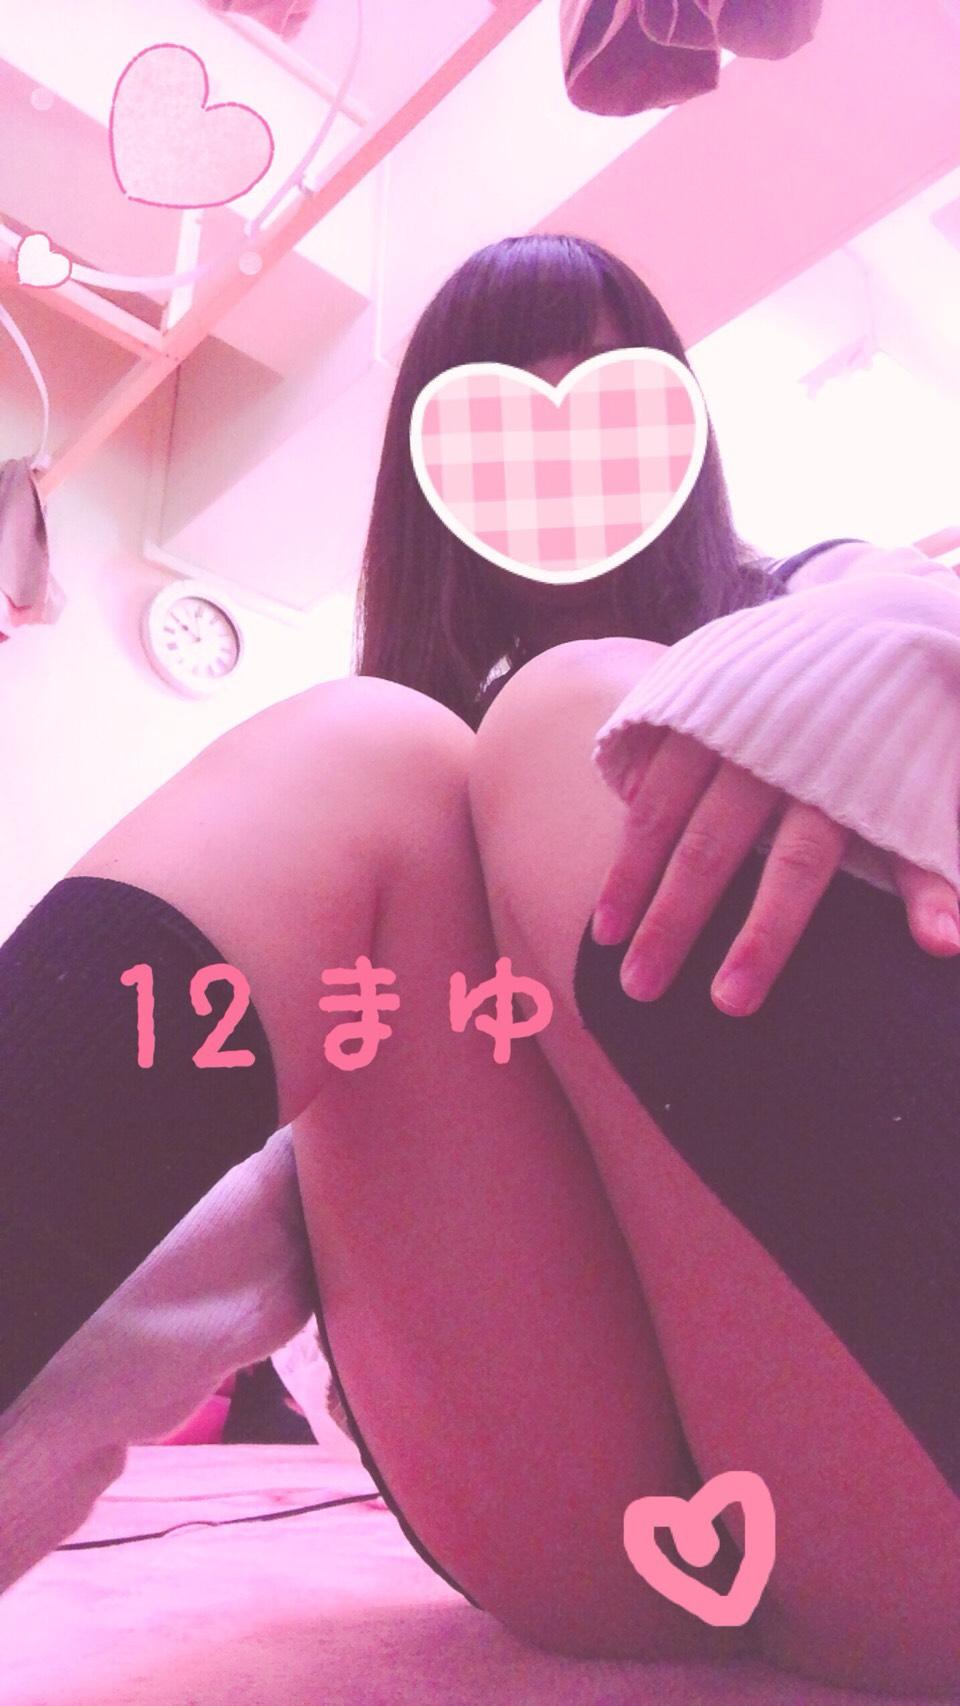 GW10日連続超豪華イベント4日目♡まゆちゃんです!